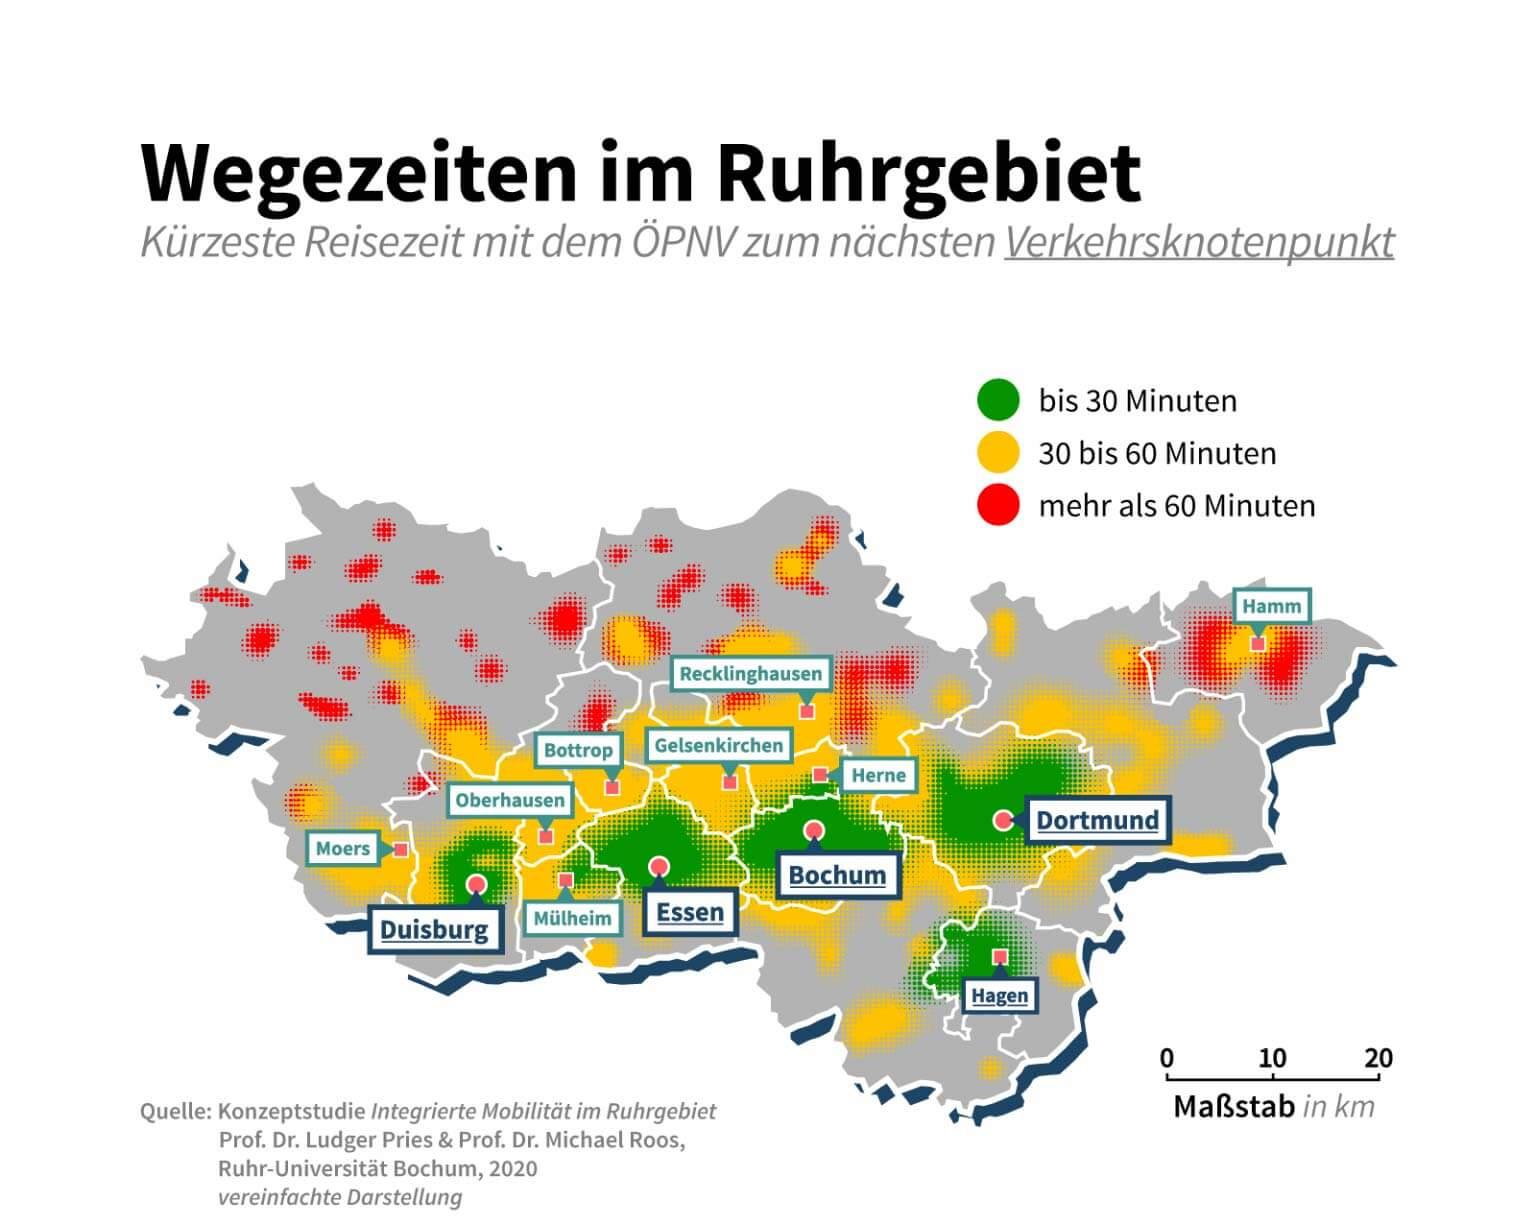 Vor allem der Norden des Ruhrgebiets ist schlecht an das Straßen- und Stadtbahnnetz des Südens angebunden. Stattdessen fahren langsamere Busse – die nicht mit der Taktung des Schienenverkehrs abgestimmt sind. (Grafik: CORRECTIV)